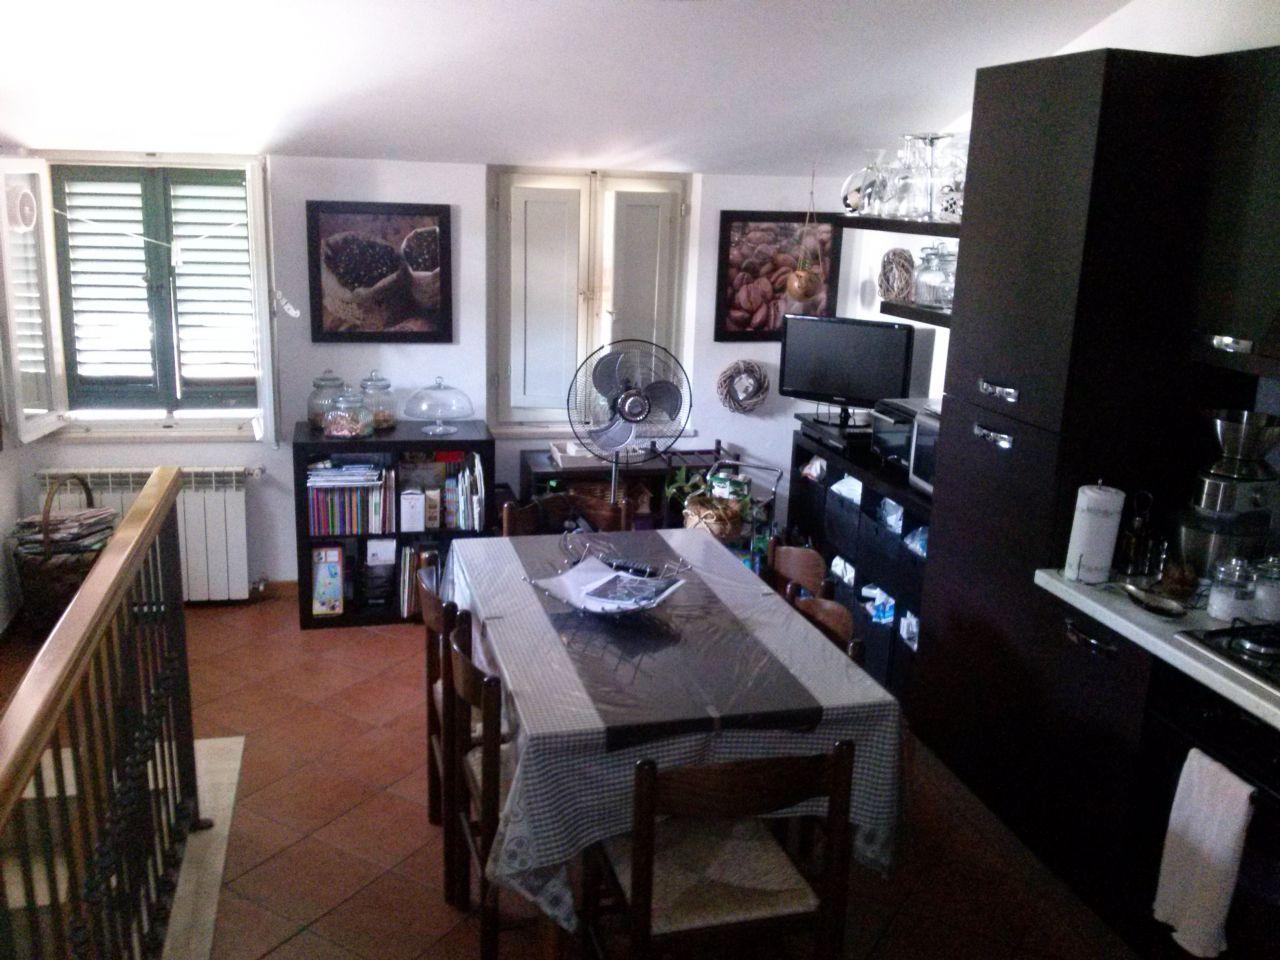 Attico / Mansarda in vendita a Ascoli Piceno, 9999 locali, zona Località: CentroStorico, prezzo € 70.000 | CambioCasa.it